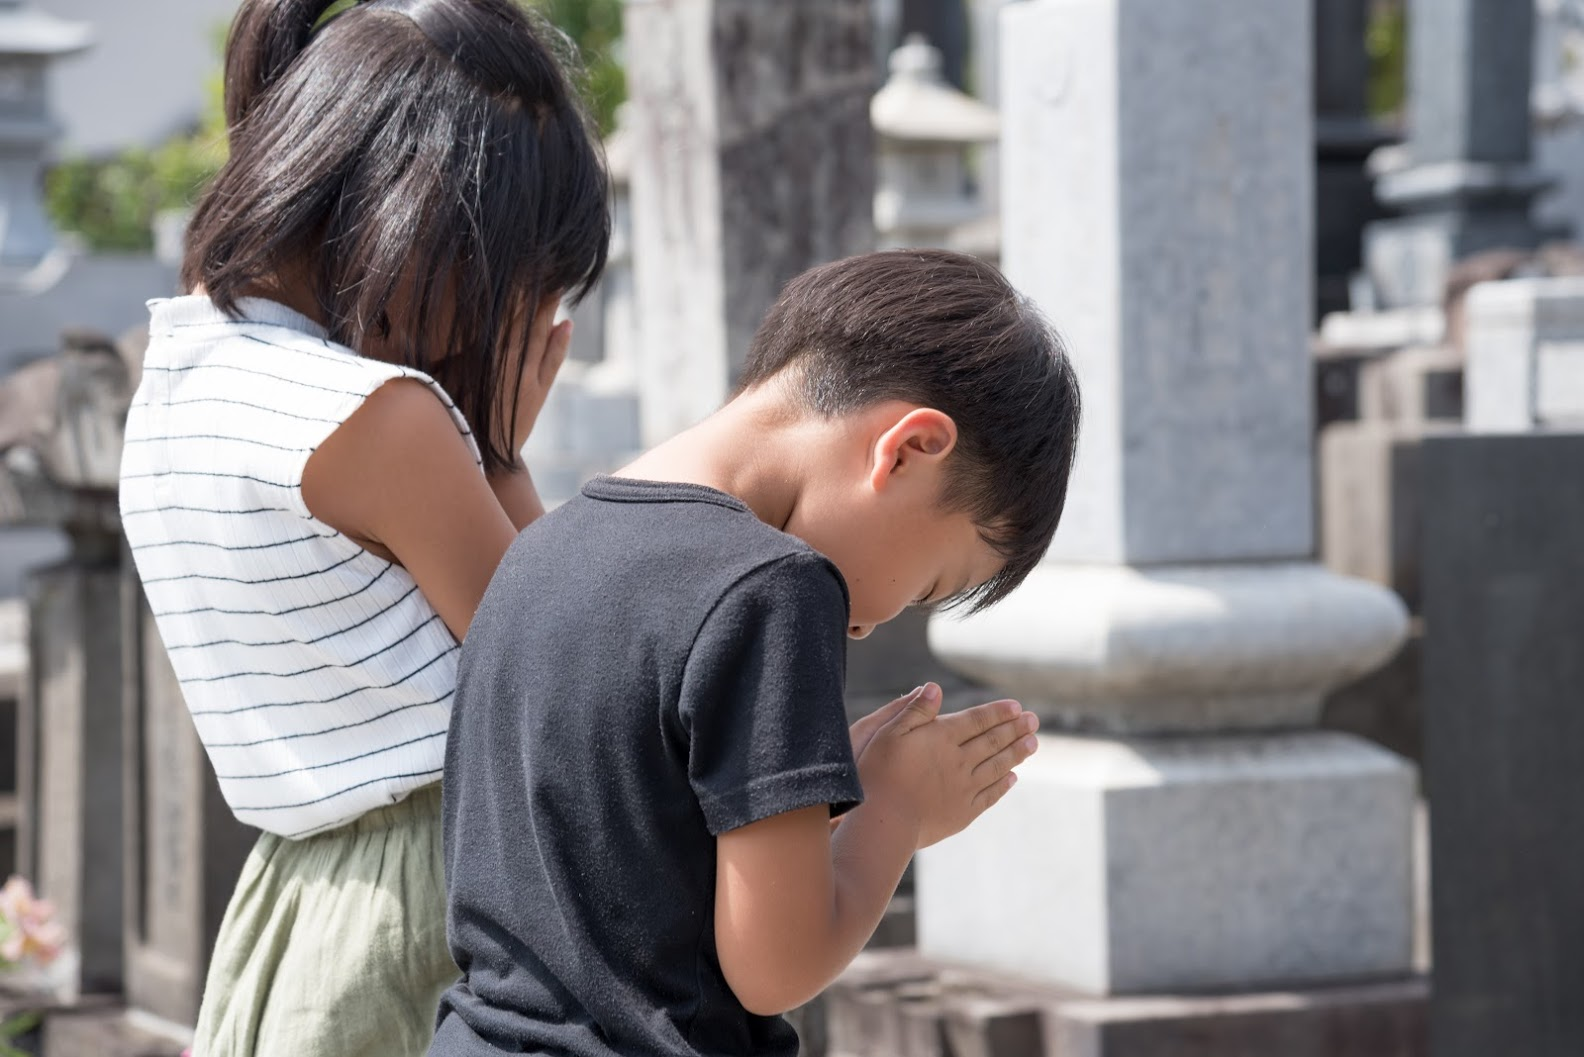 【葬儀】期限付き墓地とは一般の墓地とは何が違うかについて解説のサムネイル画像